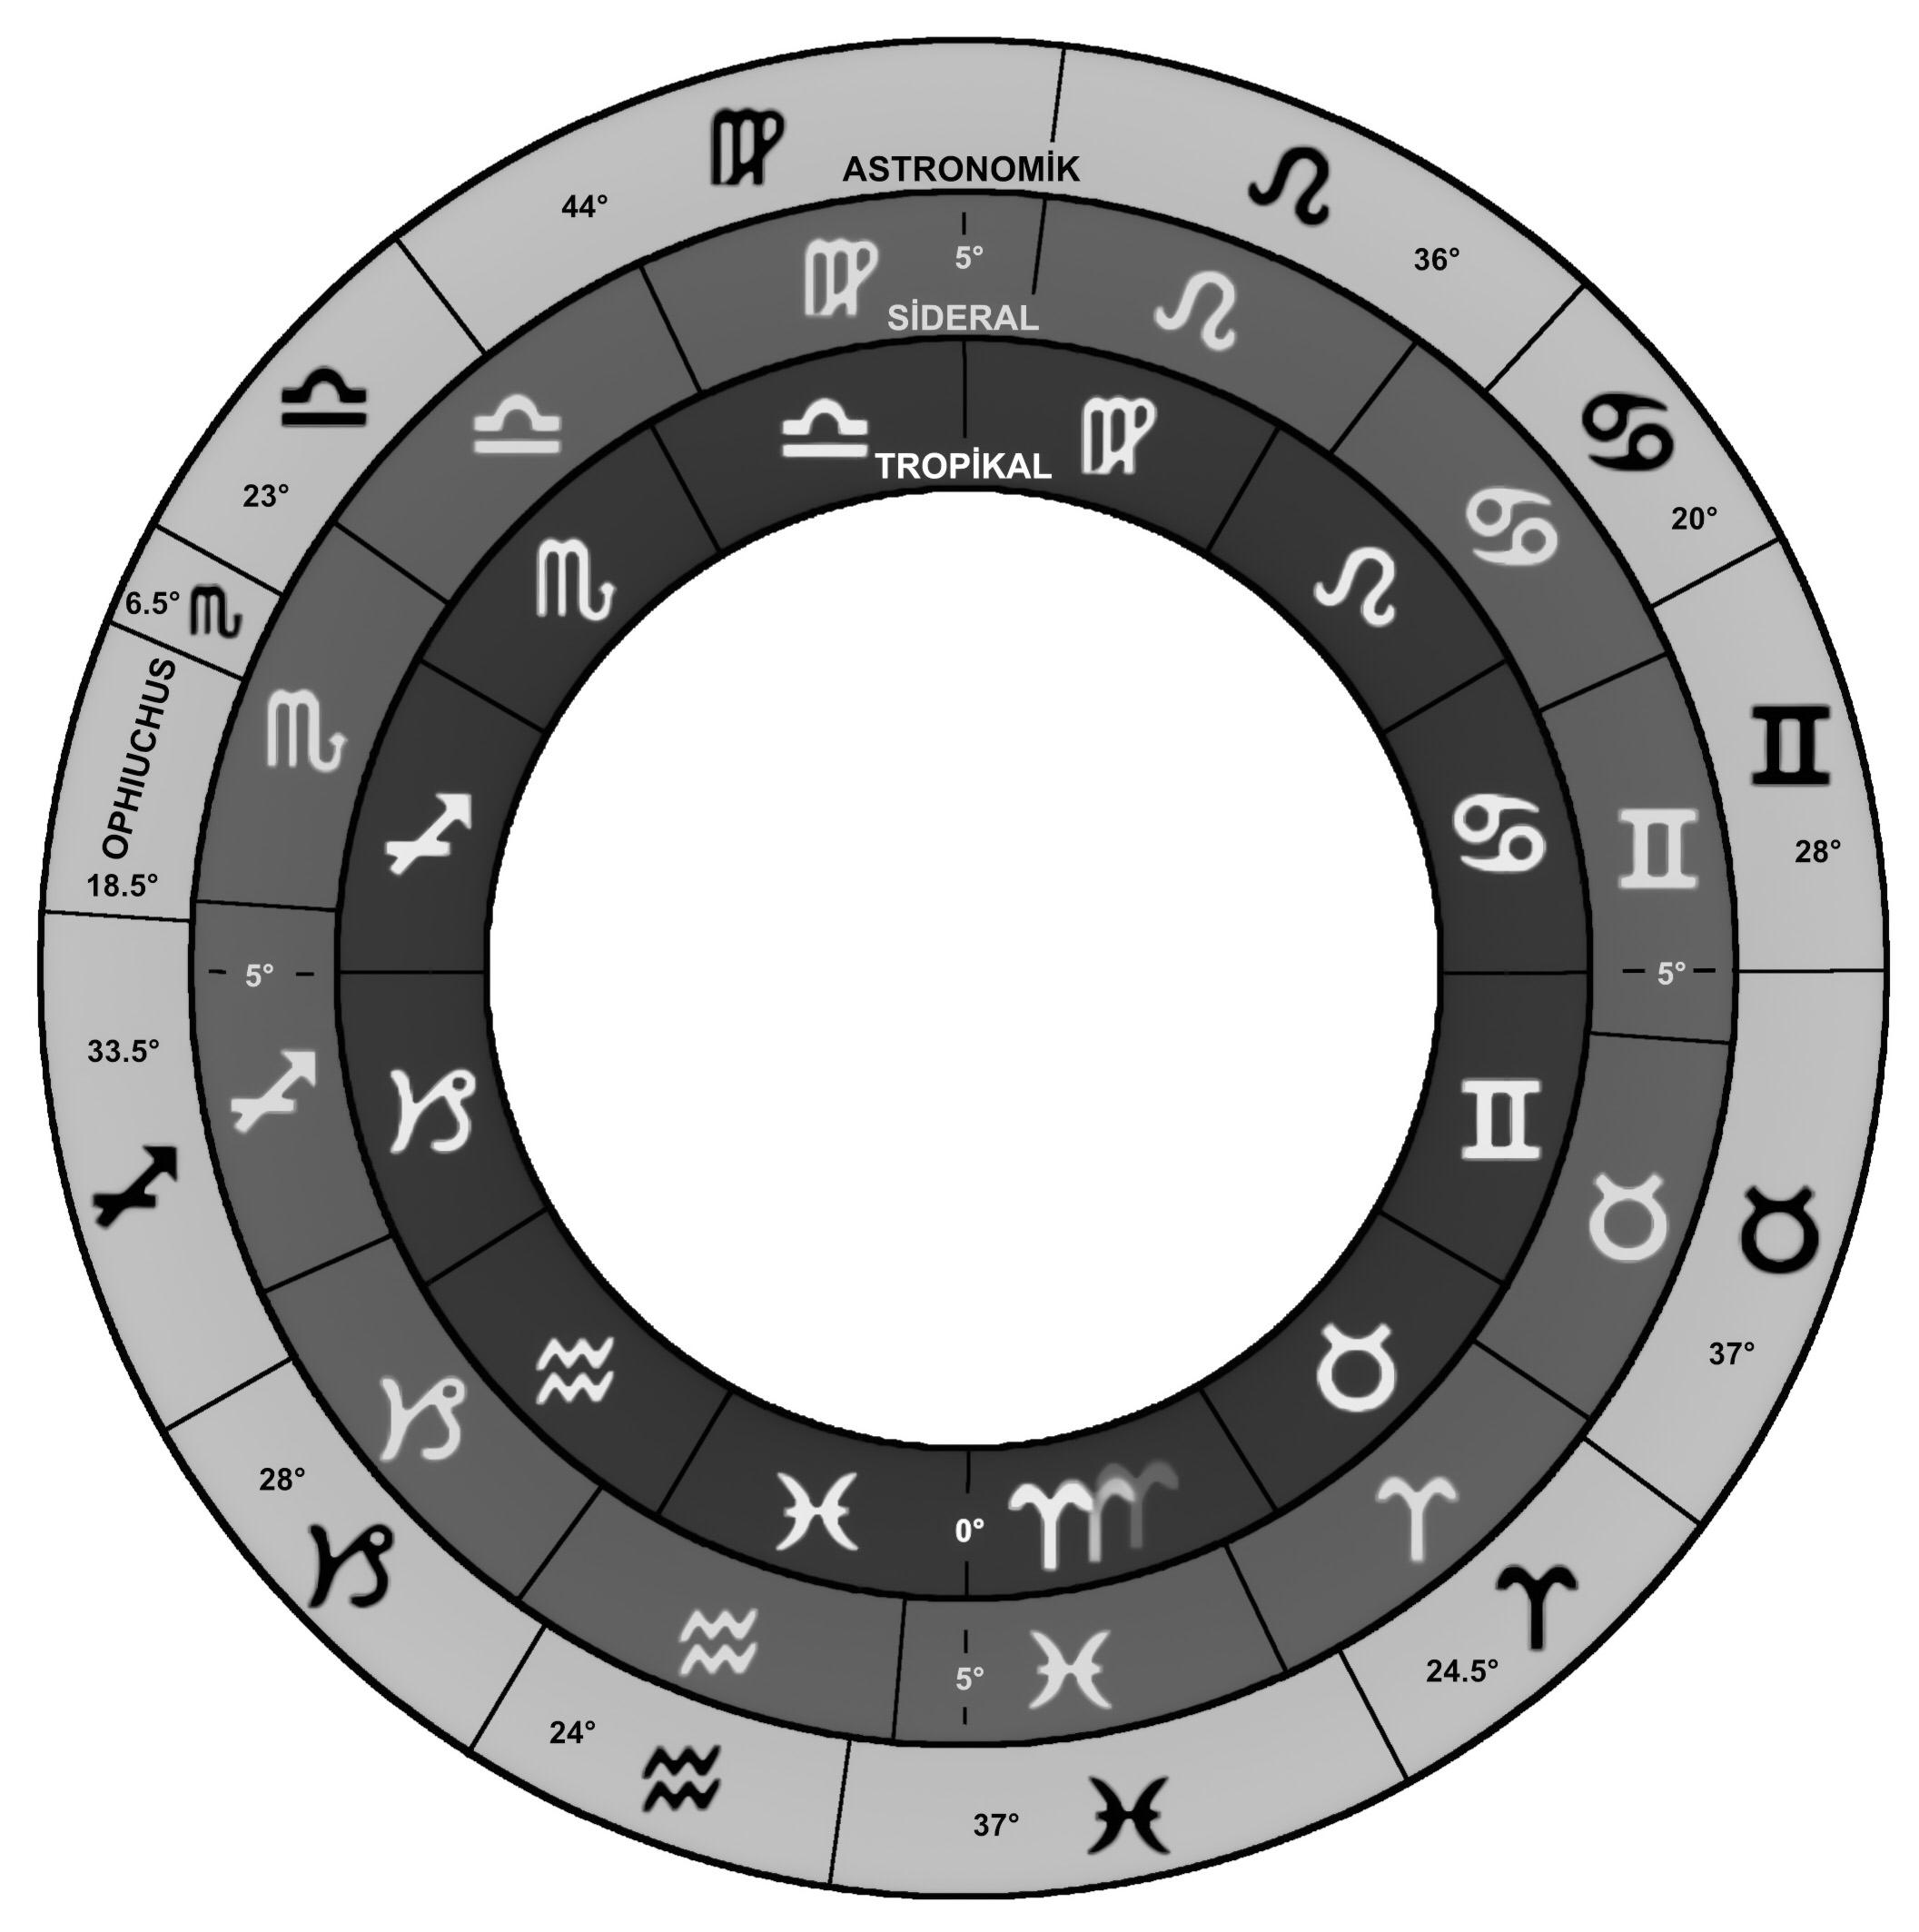 Görsel 1: Tropikal Zodyak'taki (en içteki yuvarlak) her üç burç sembol bir mevsime denk gelmektedir. Ortadaki yuvarlak açısal olarak biraz daha farklı olan Sidereal Zodyak'ı, onun dışında da Astronomik Zodyak bulunmaktadır